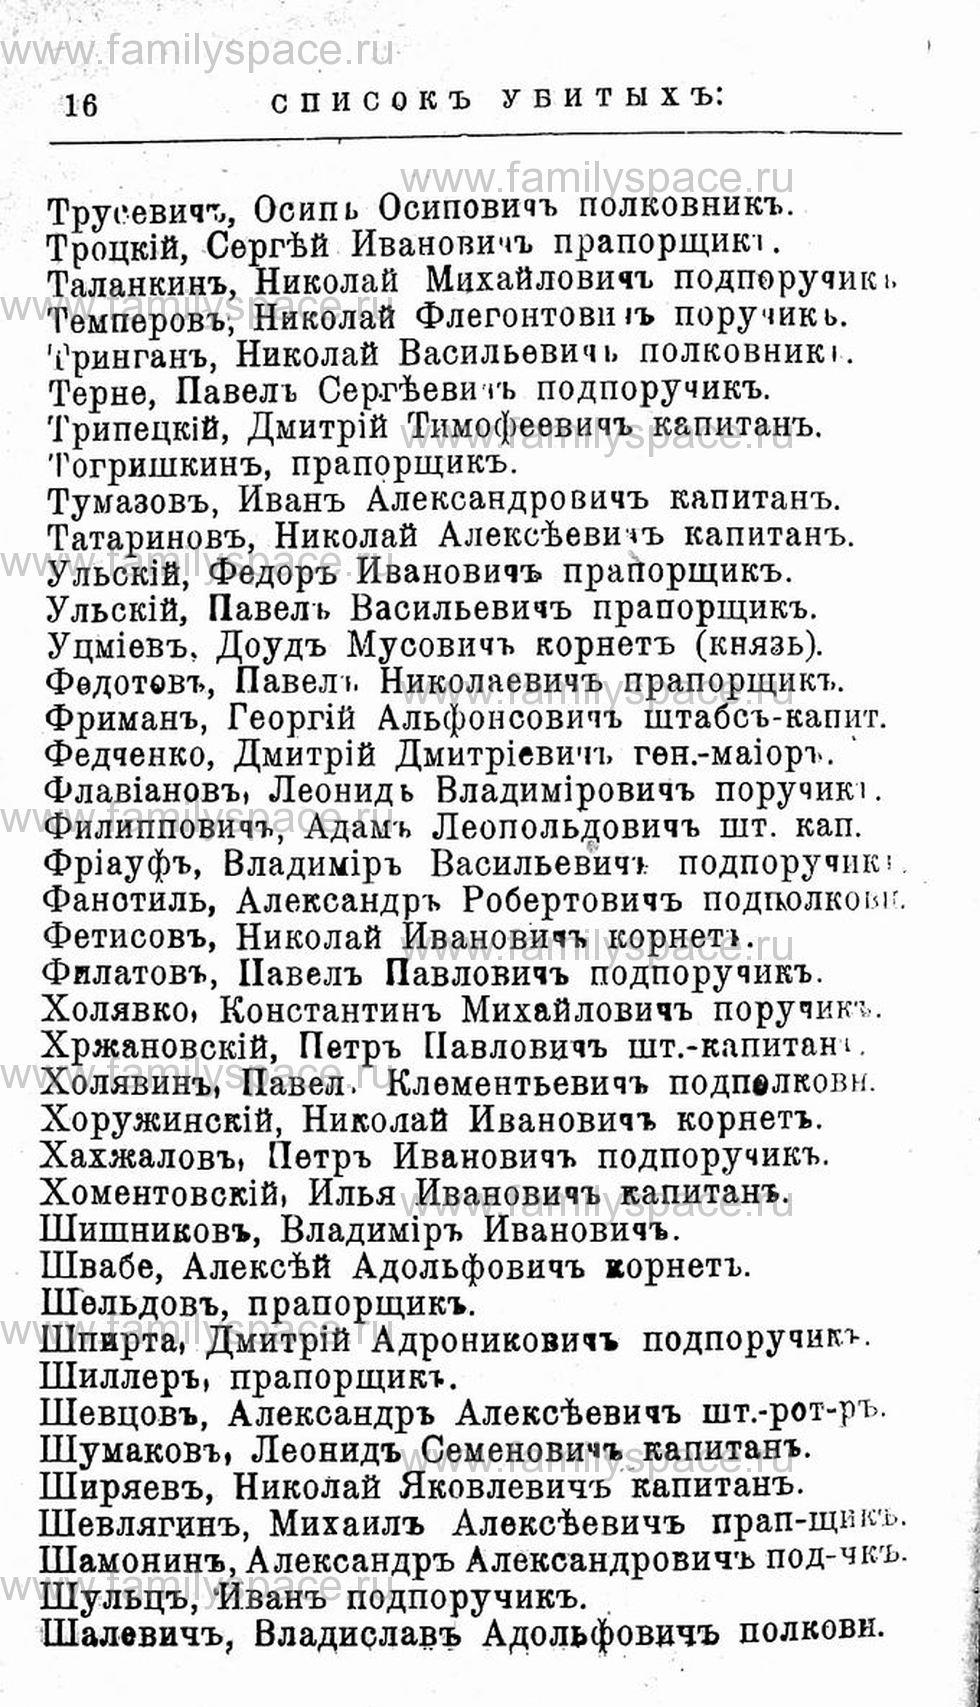 Поиск по фамилии - Первая мировая война - 1914 (списки убитых и раненых), страница 16